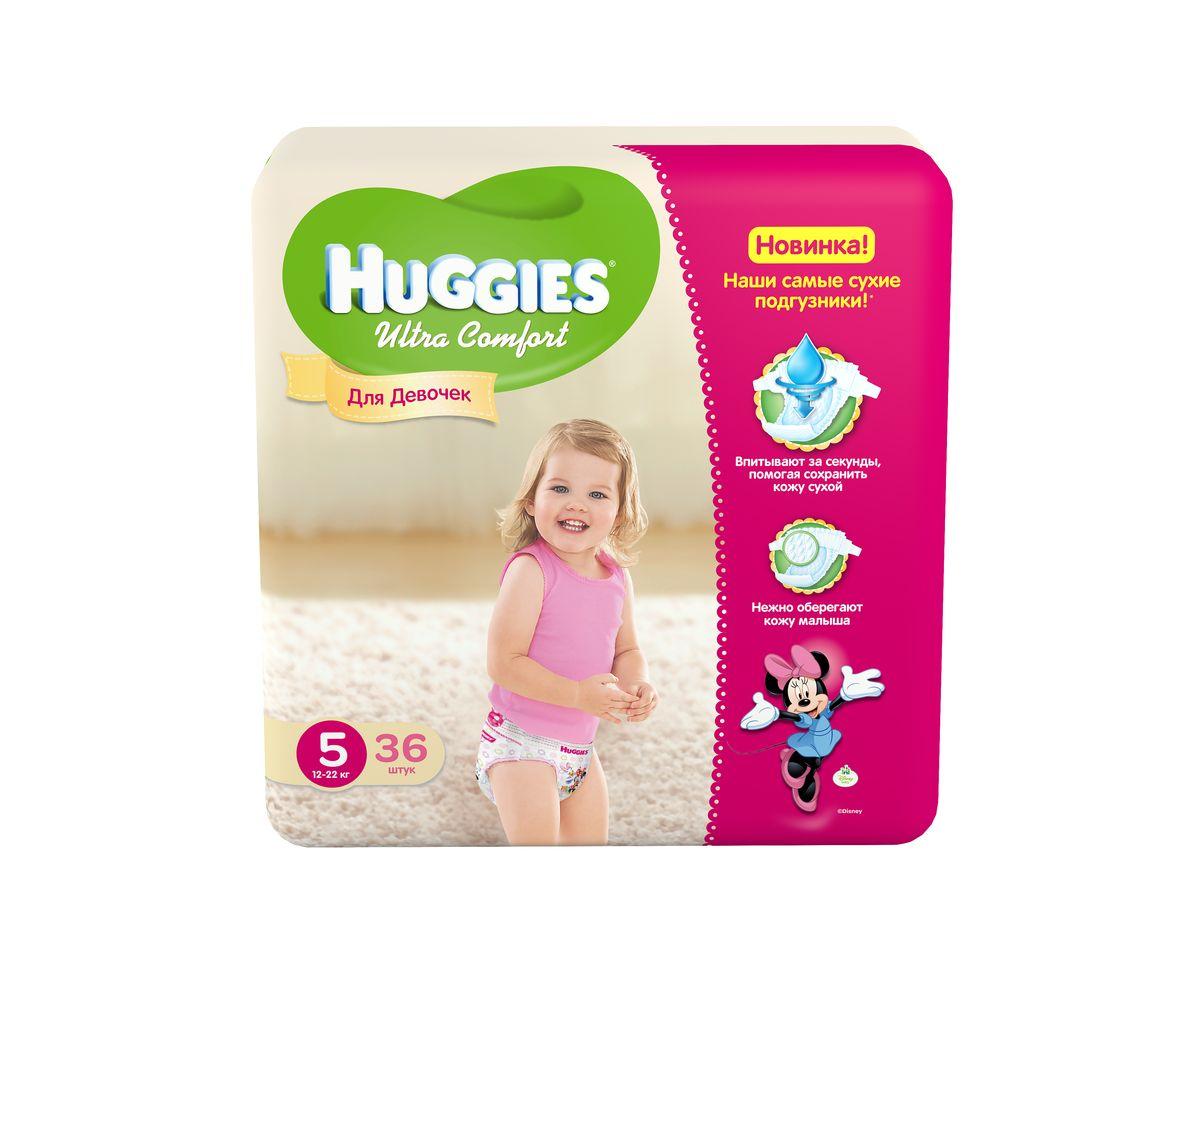 Huggies Ultra Comfort Подгузники для девочек 5, 12-22 кг, 36 шт -  Подгузники и пеленки